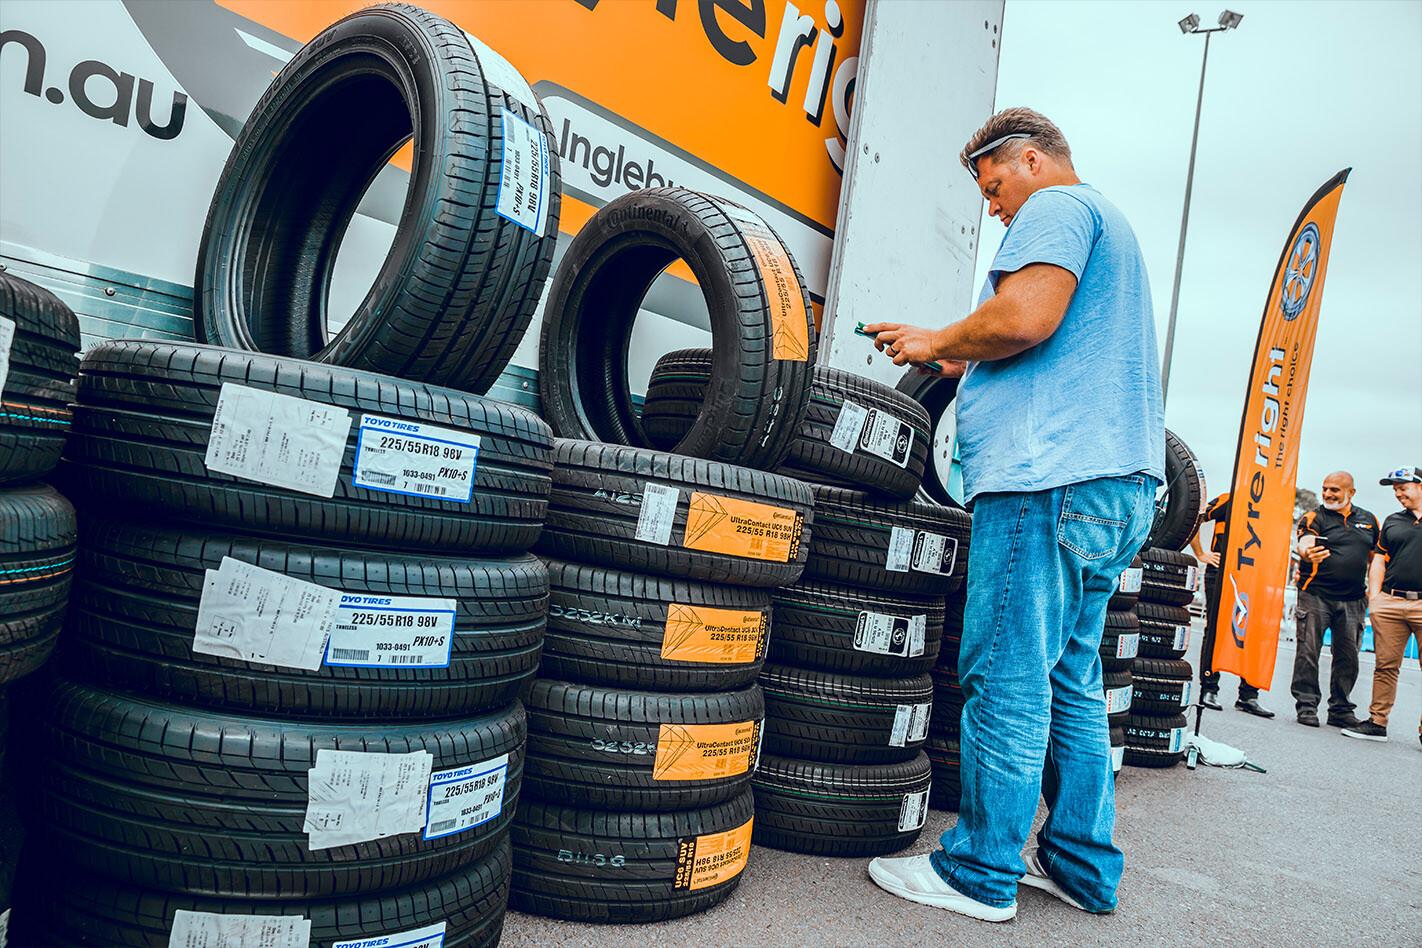 2020 Wheels Tyre Test Cost Jpg